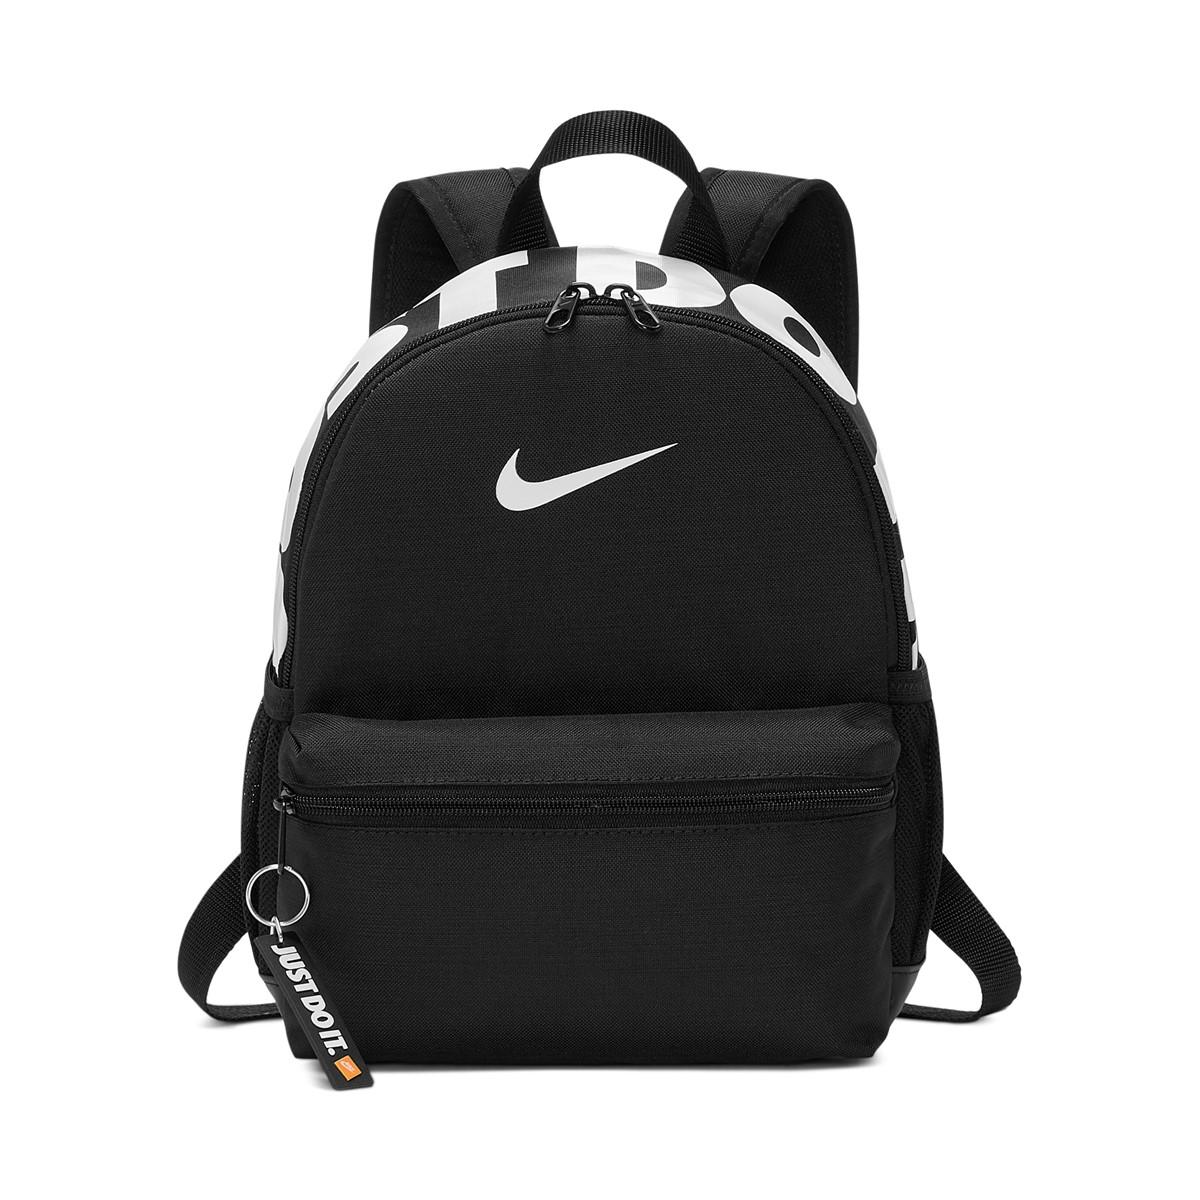 Brasilia JDI Mini Backpack in Black